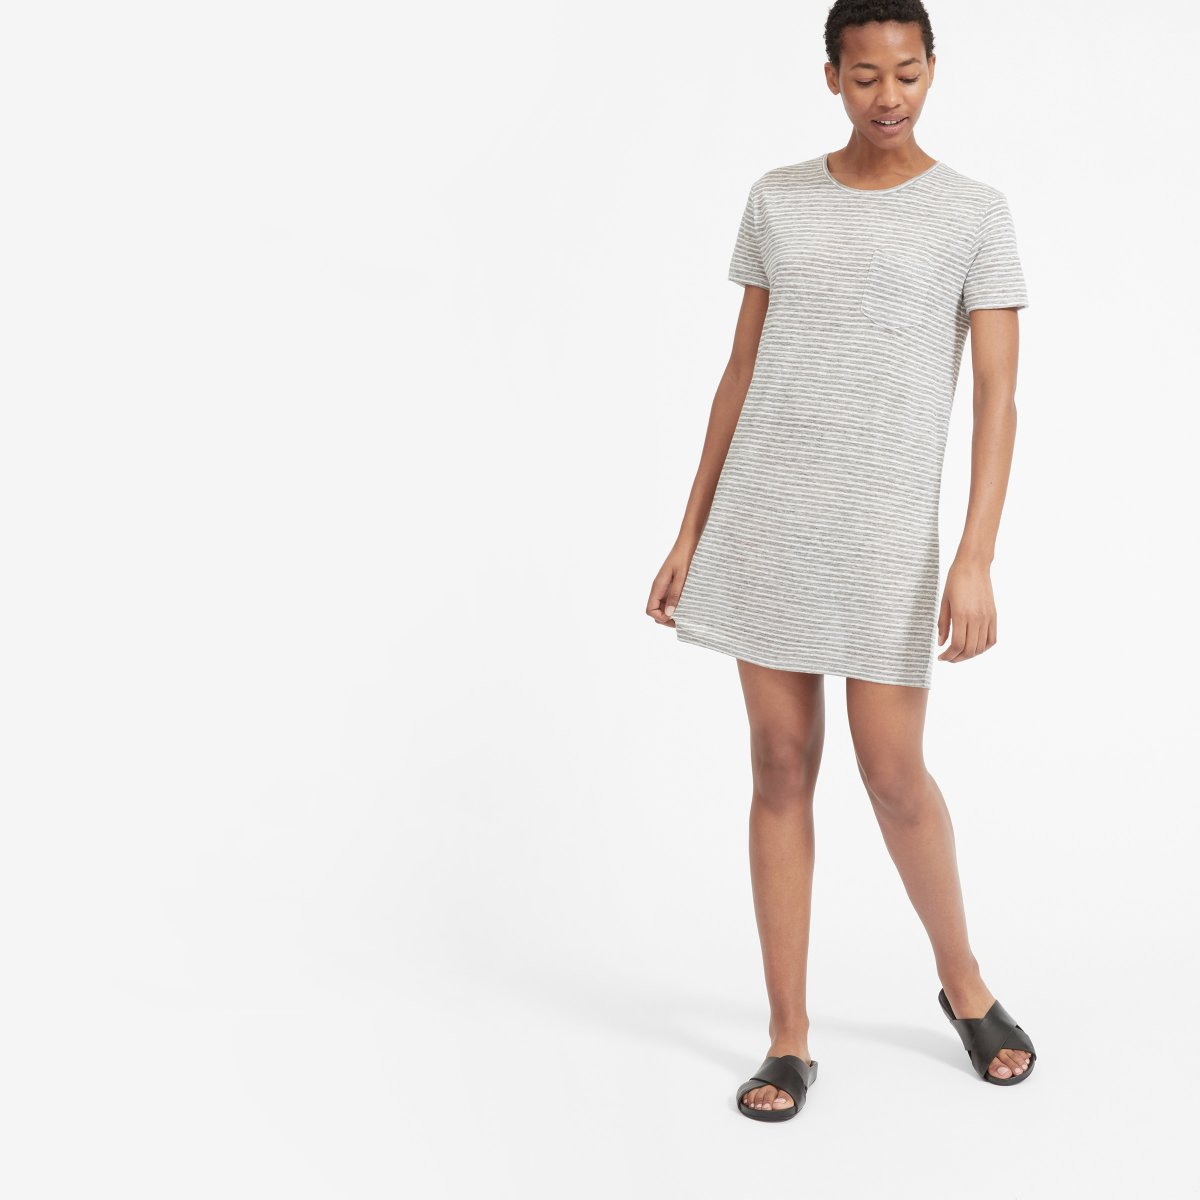 The Linen Box-Cut Tee Dress